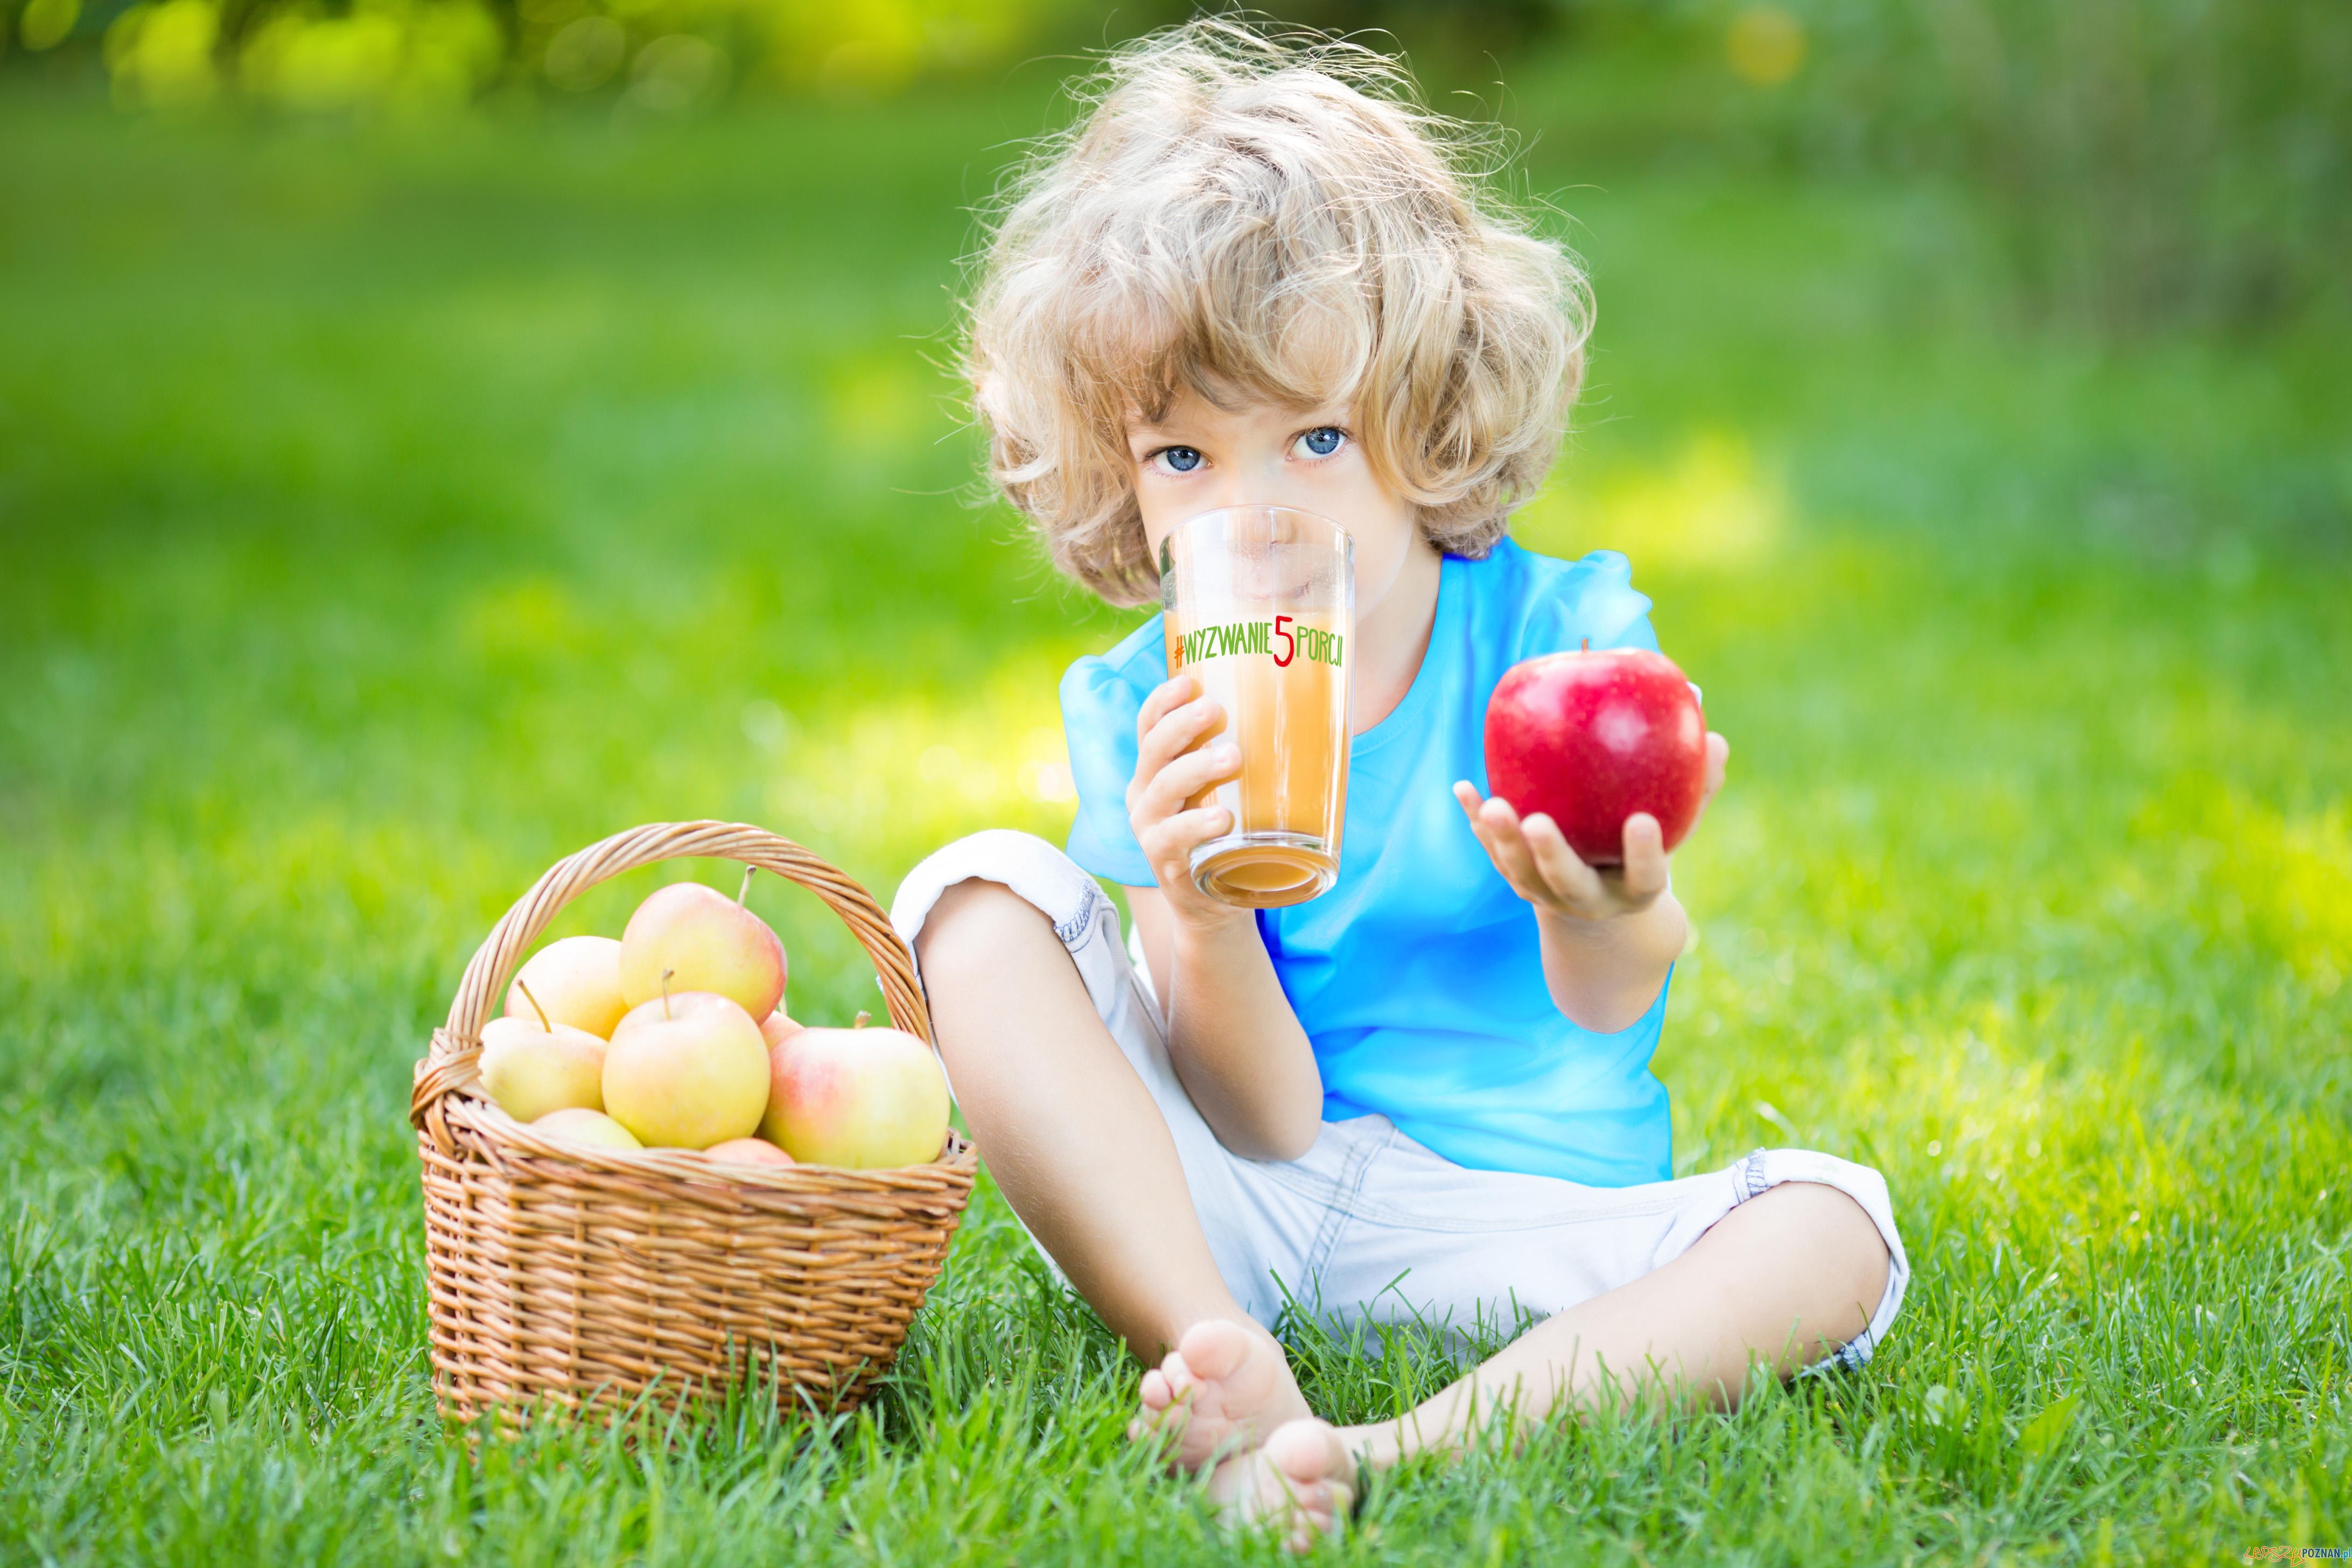 Piramida Zdrowego Żywienia i Stylu Życia Dzieci i Młodzieży  Foto: materiały prasowe / ©Sunny studio